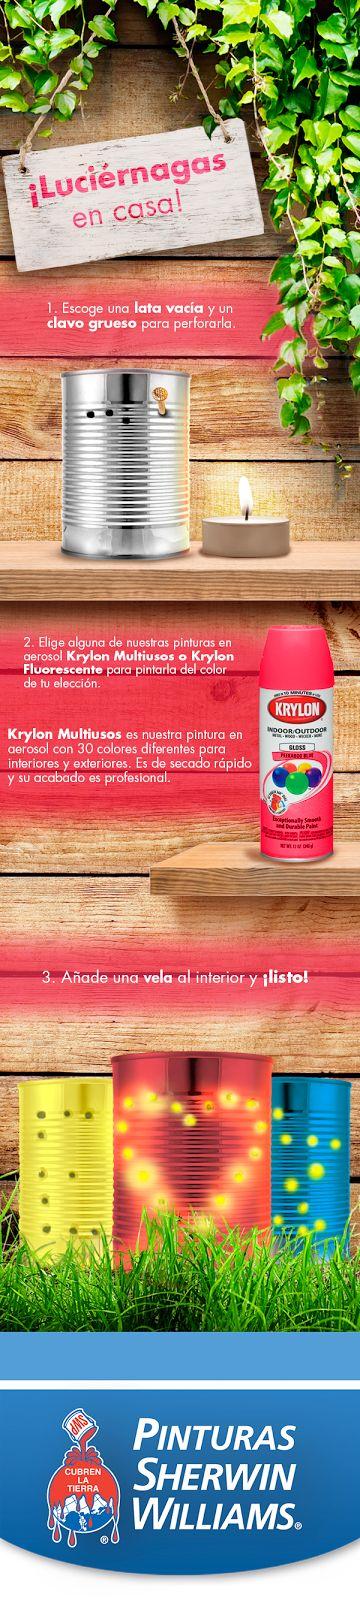 #EstoPintaBien ¡Luciérnagas en casa! Arma estas sencillas farolas utilizando material reciclado e ilumina tus noches.